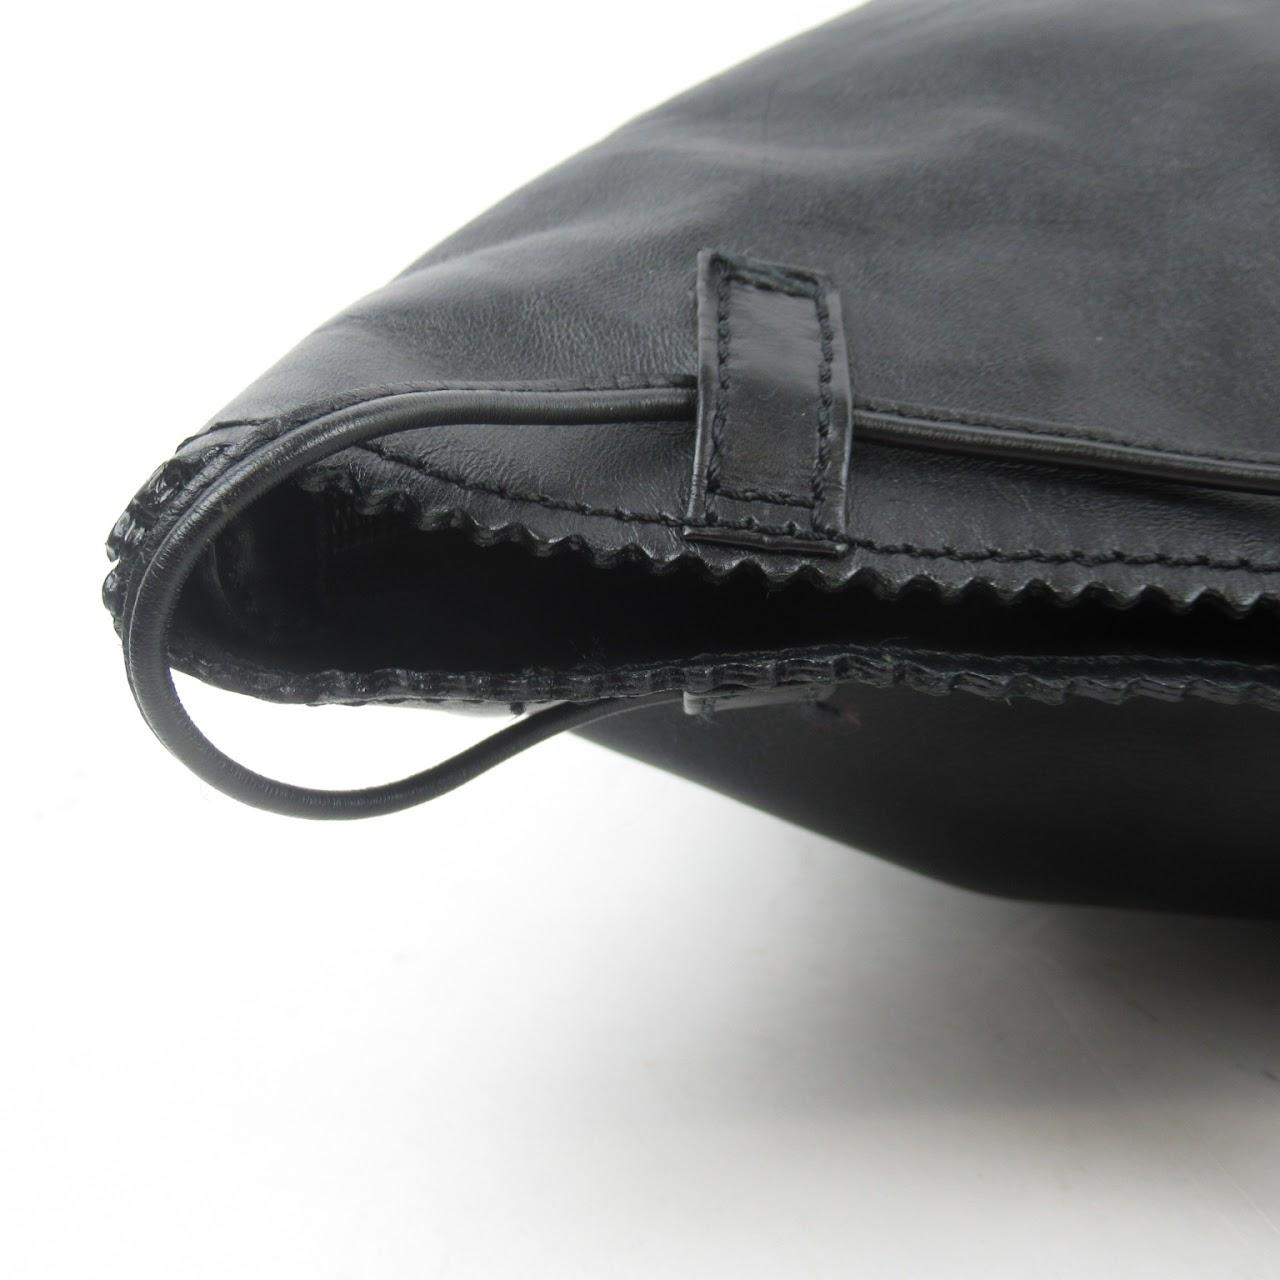 Anya Hindmarch Tote Bag